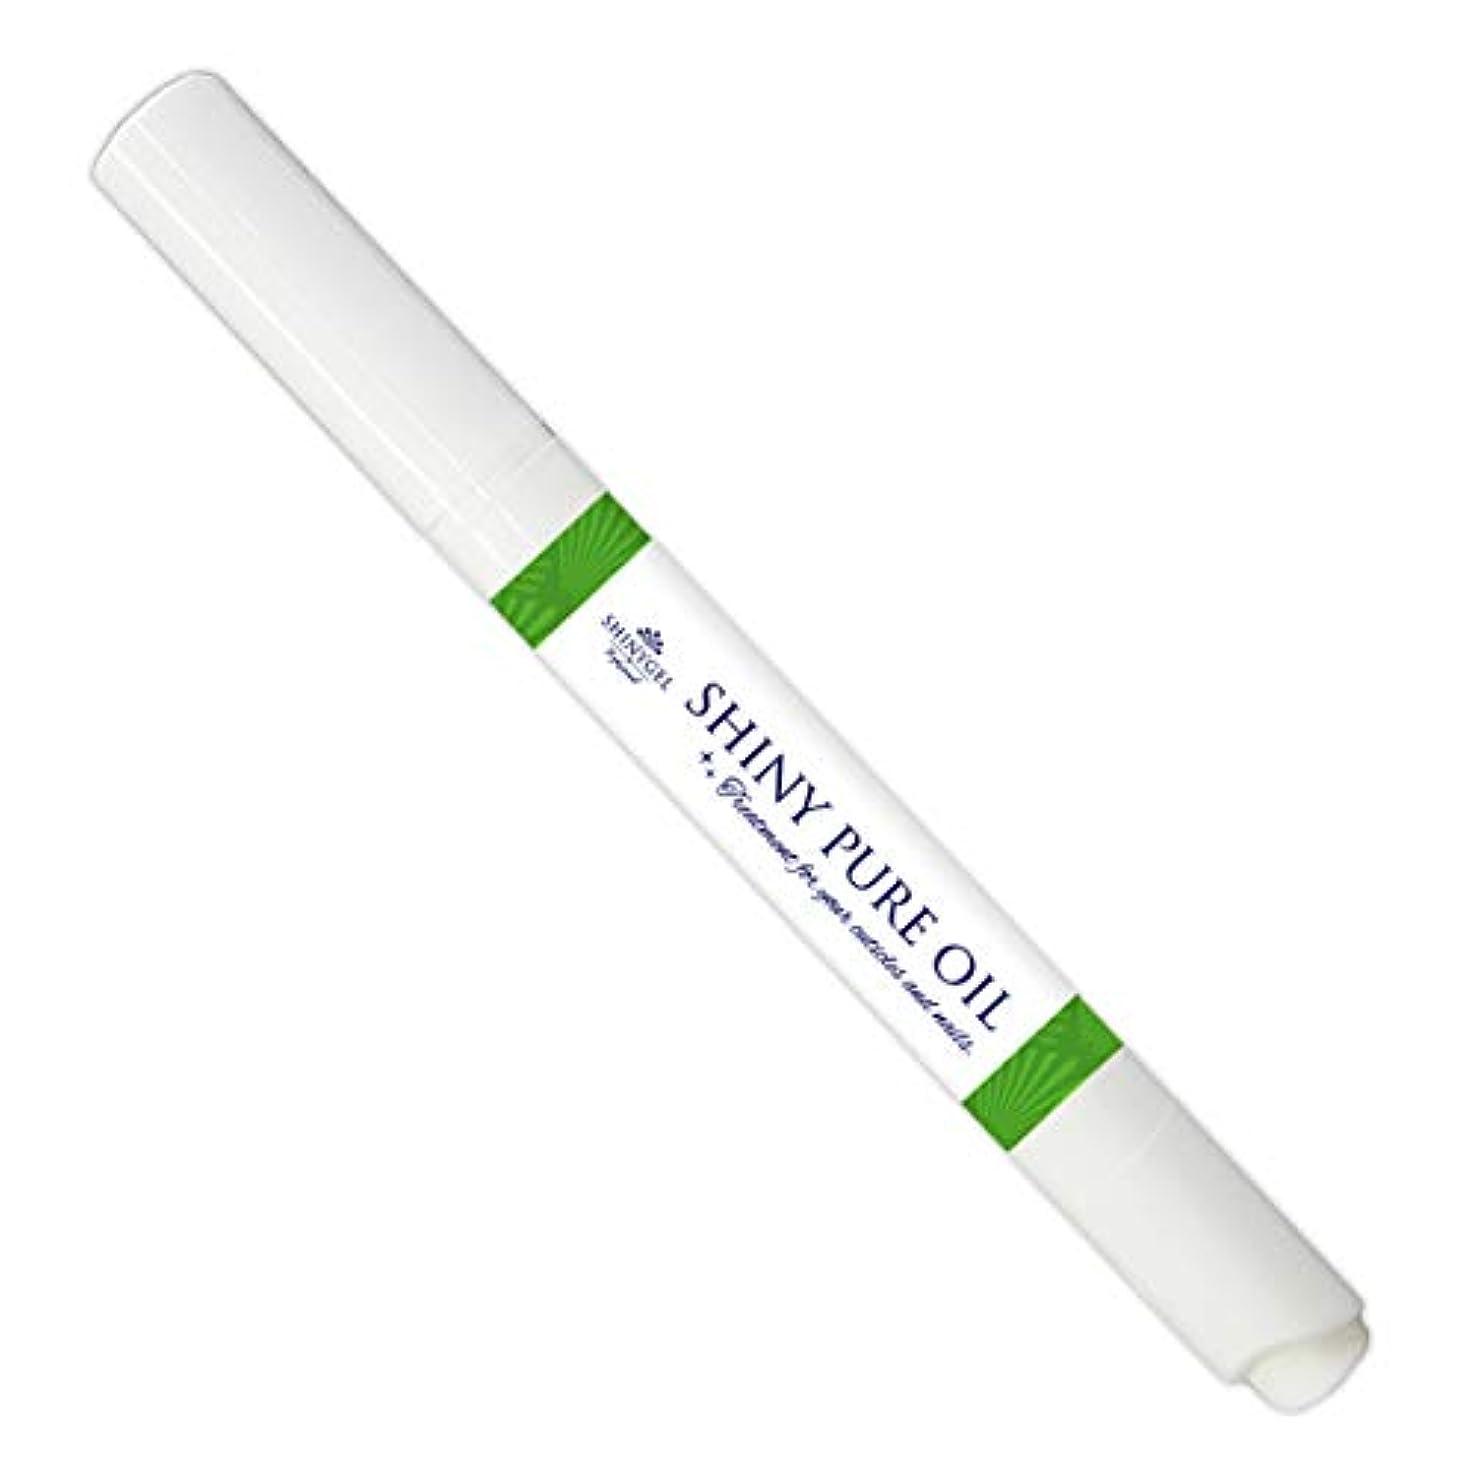 許可するほうきブリーフケースSHINY GEL シャイニーピュアオイル ペンタイプ 2.5ml キューティクルオイル